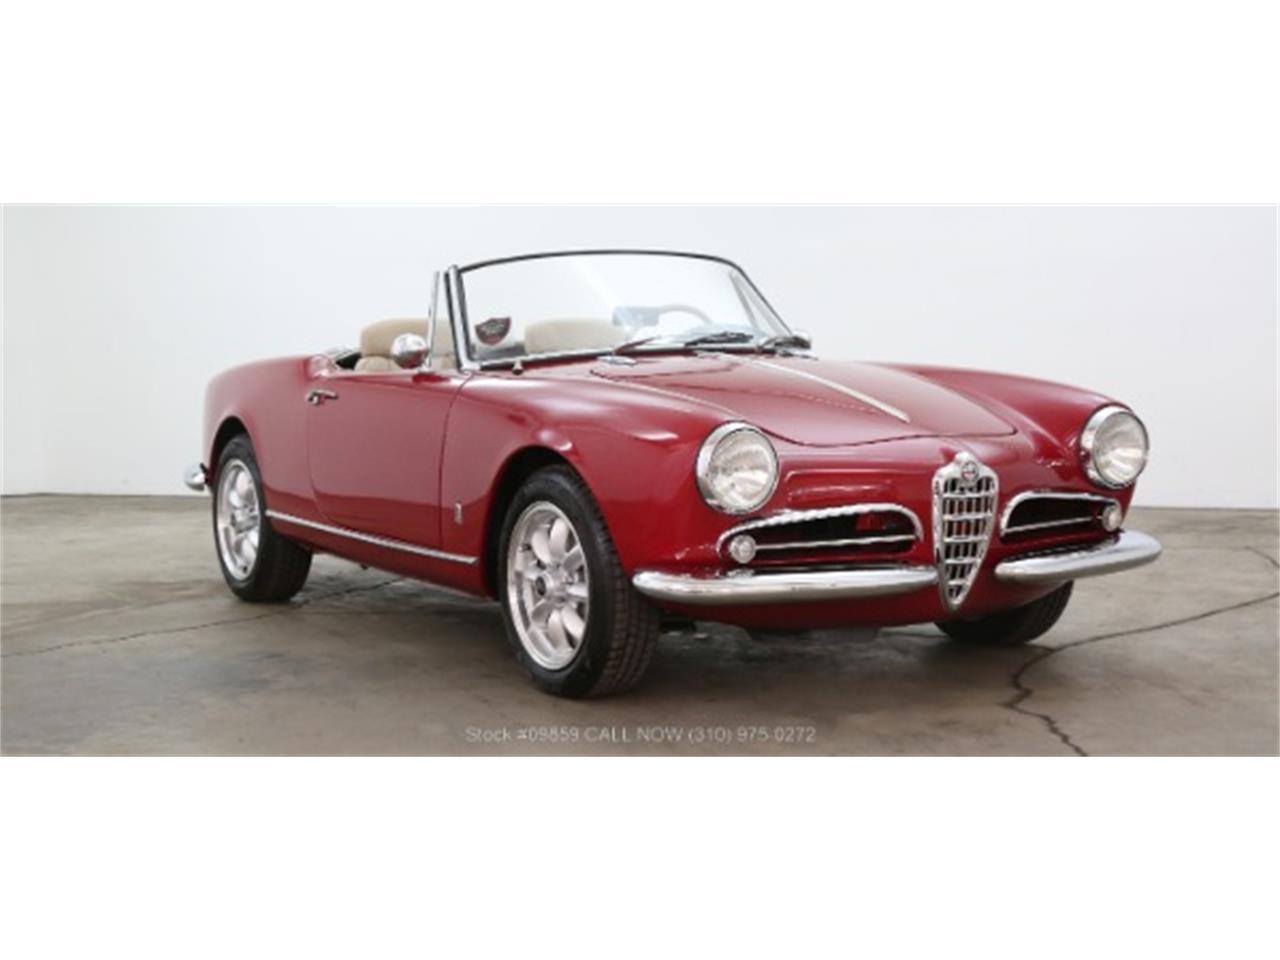 1960 alfa romeo giulietta spider for sale   classiccars   cc-1105408